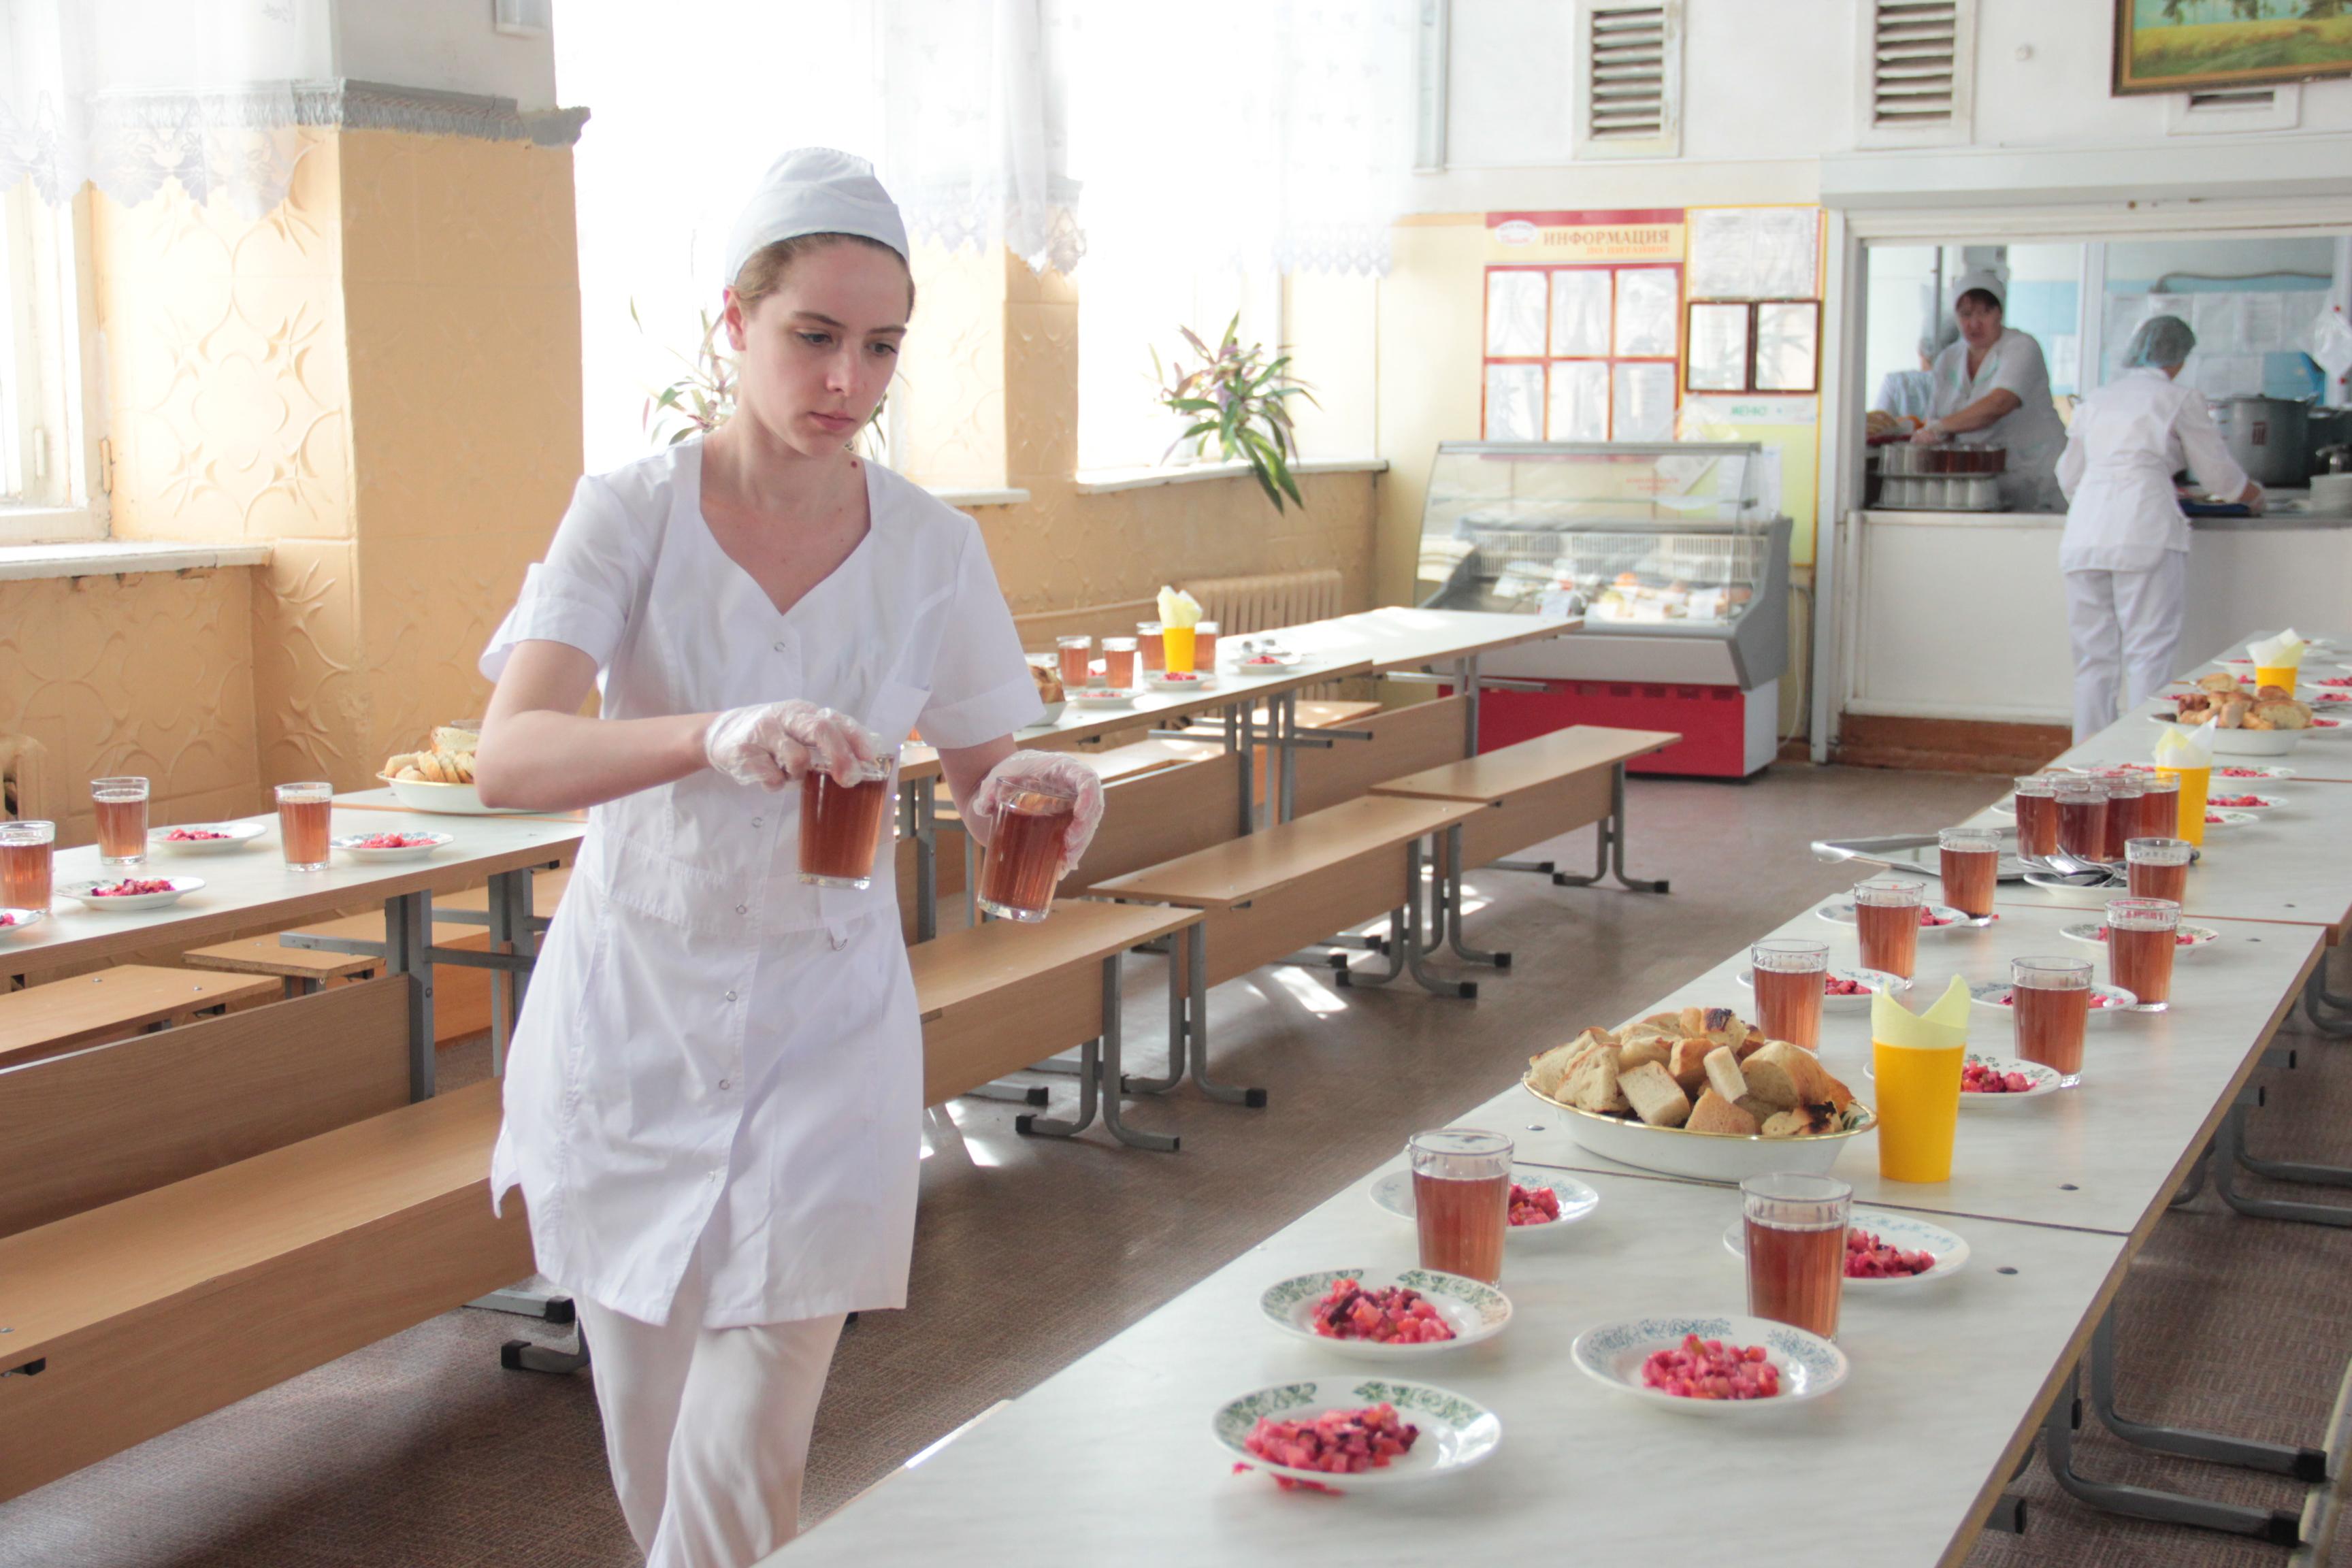 Прокуратура Кировской области выявила более 200 нарушений в школах региона